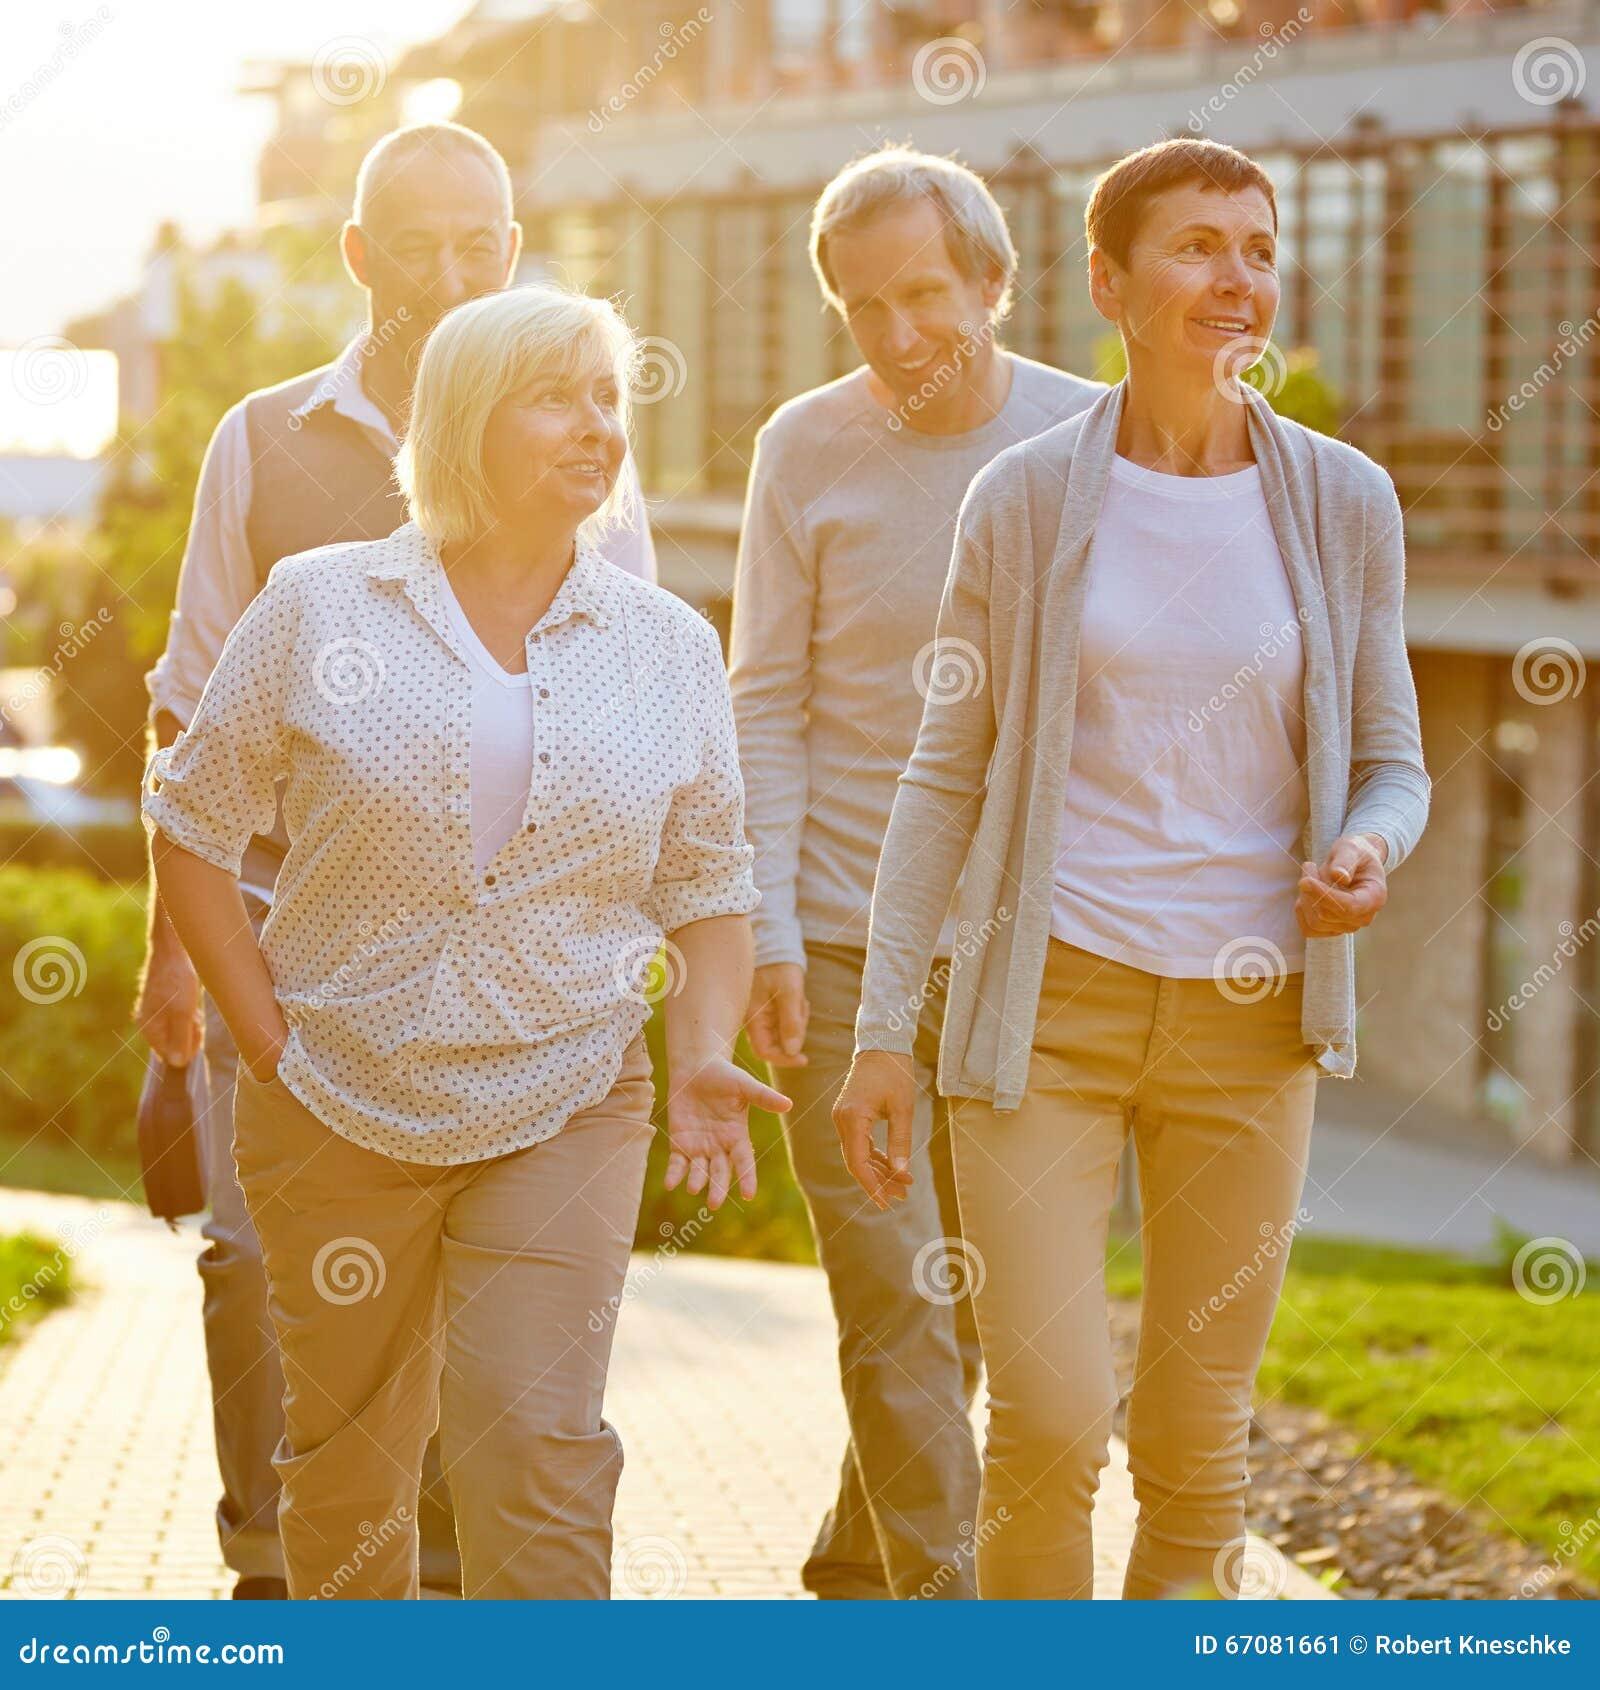 Senior travel groups